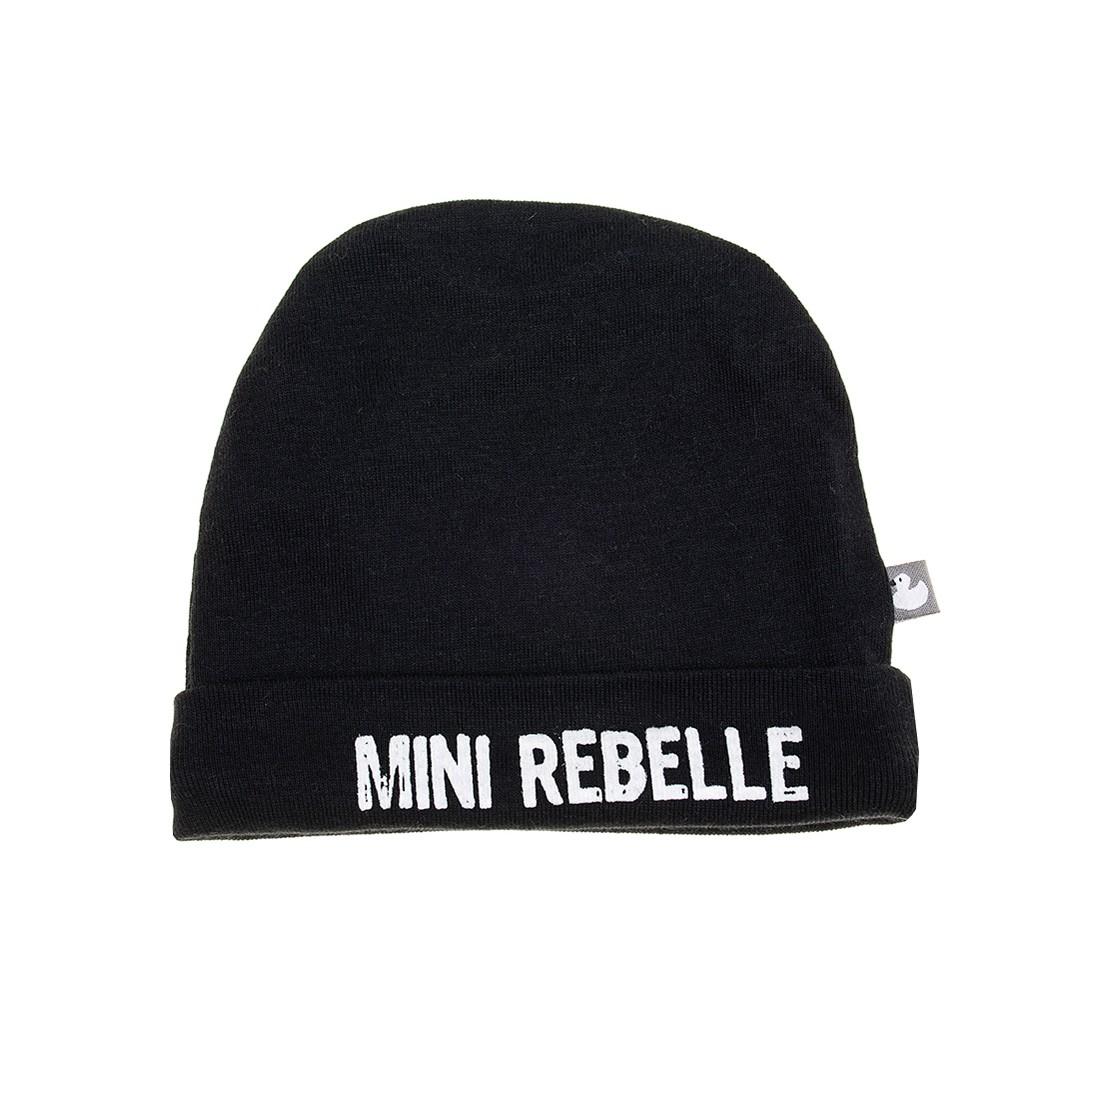 Bonnet naissance original - Rebelle